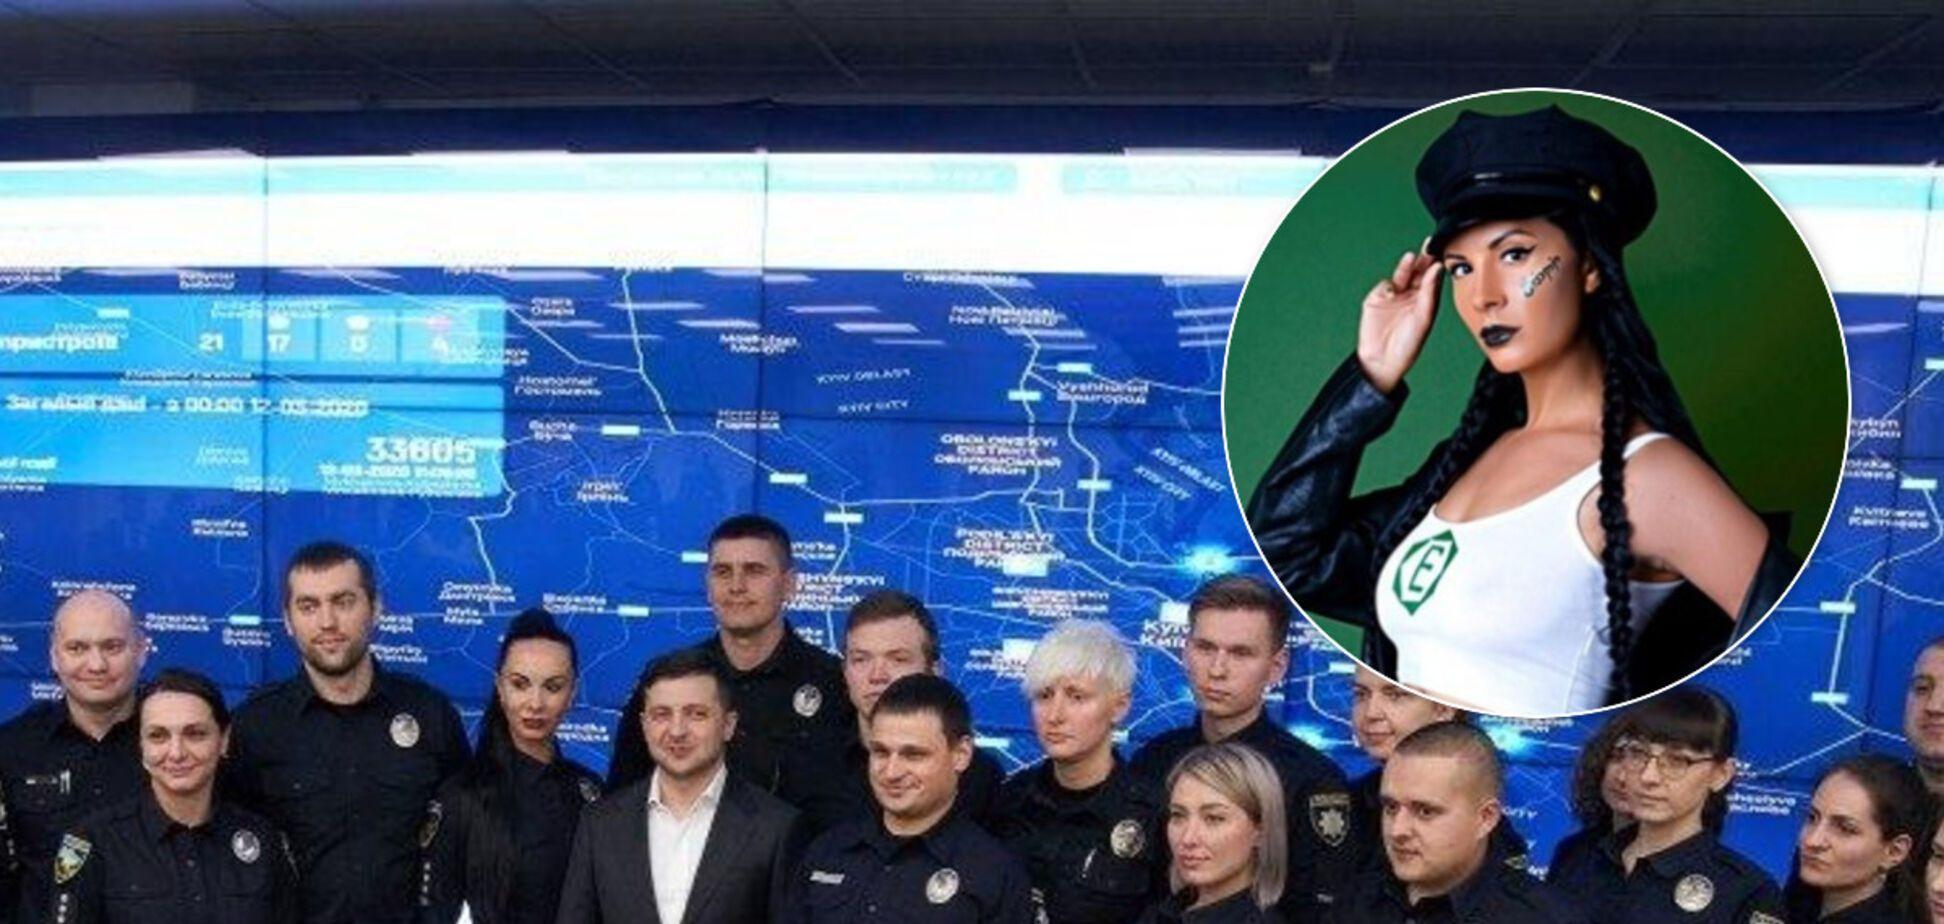 Зеленского сфотографировали с главной красоткой полиции Киева. Горячие снимки